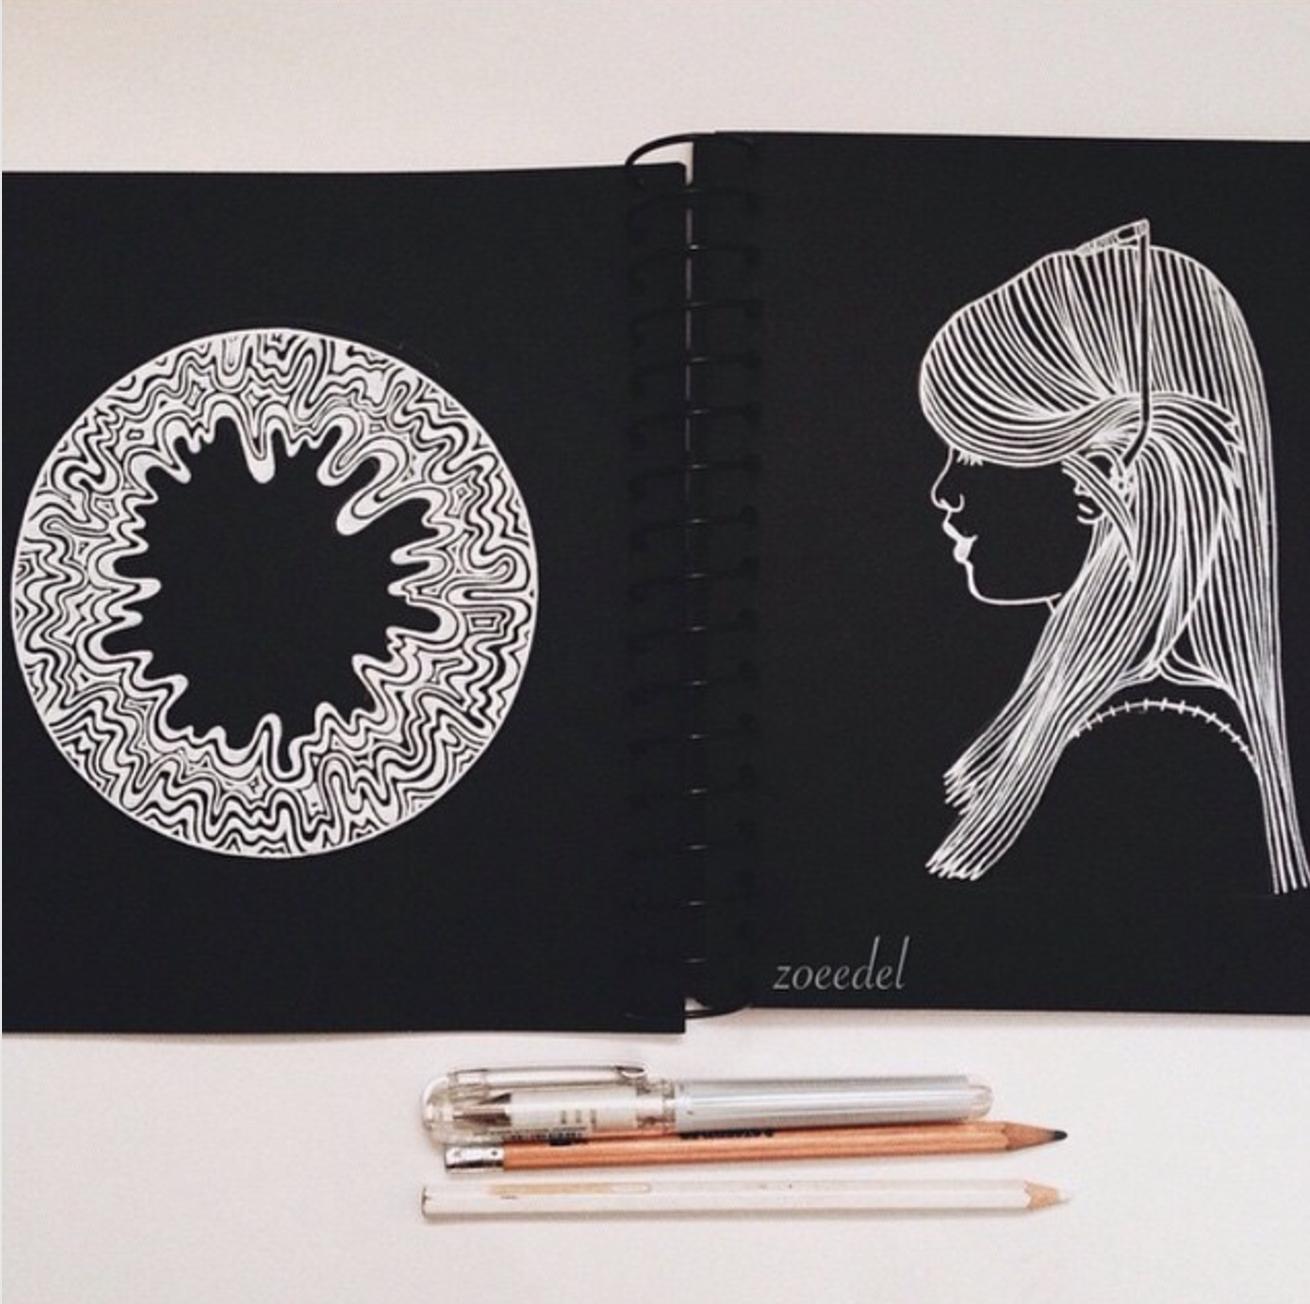 Pin By Aviva Gabriel On Art Artist S Notebooks Supplies